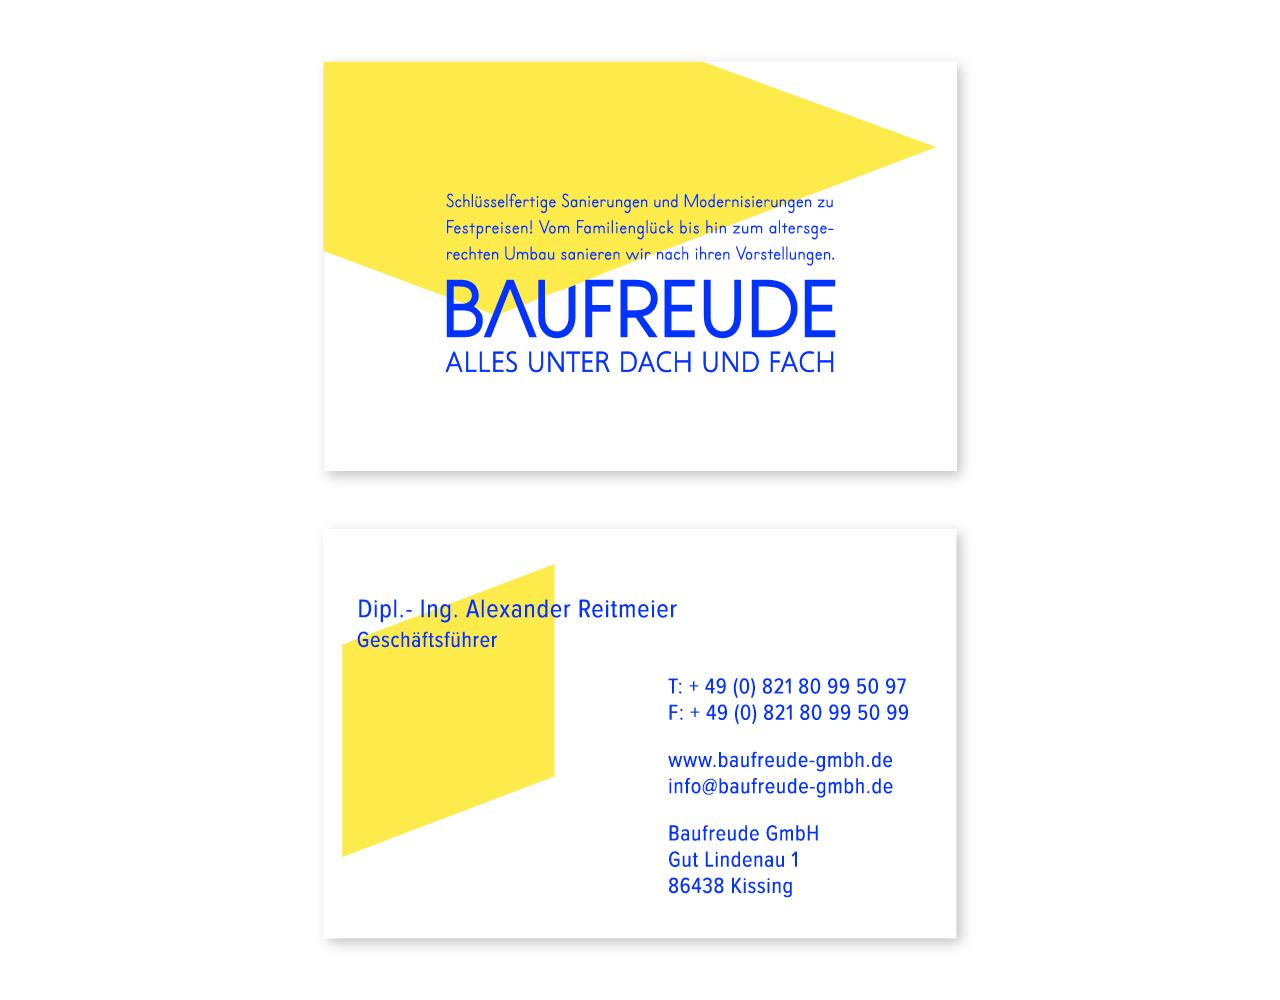 Baufreude_VK-gelb_Caroline-Rismont